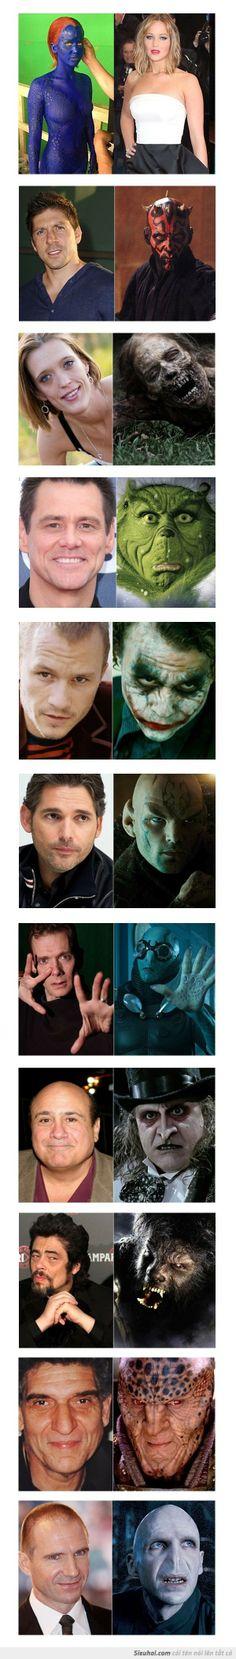 Bộ mặt thật của những dị nhân nổi tiếng, liệu bạn có biết ai trong số họ ???